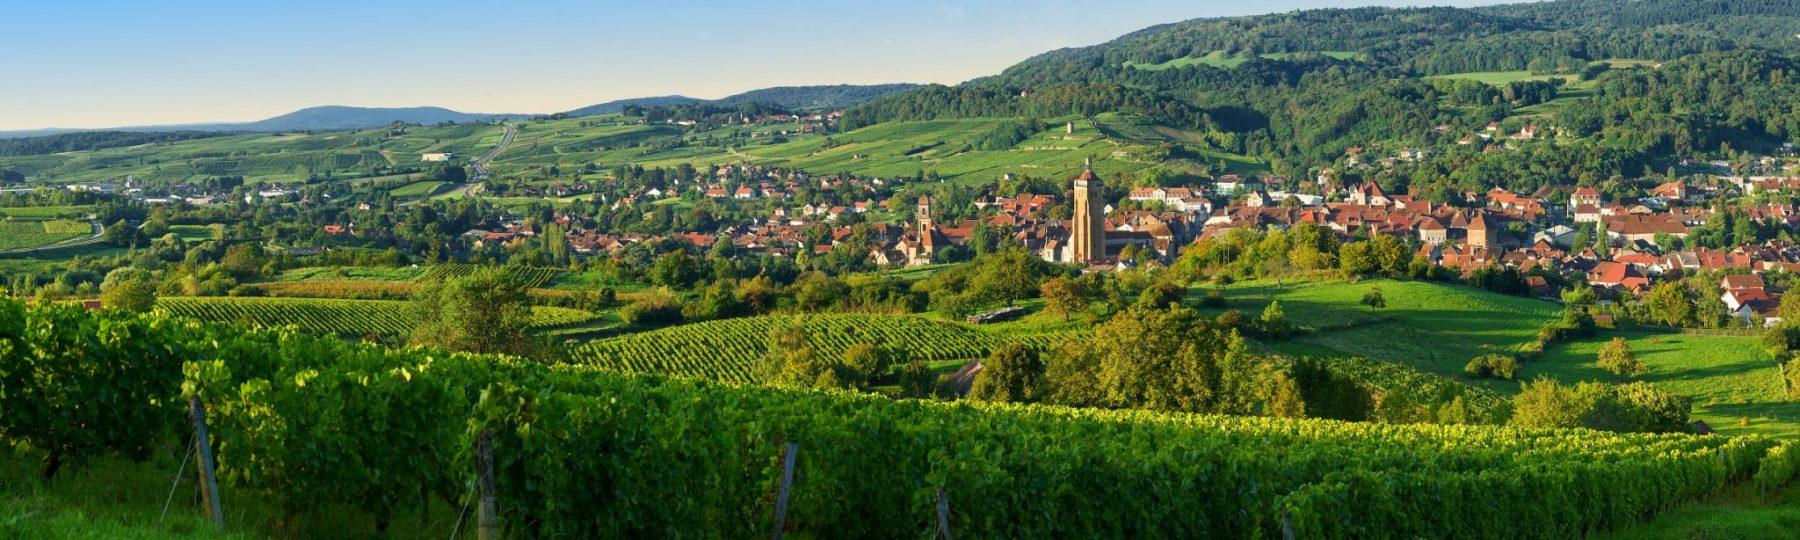 Ville et vignes d'Arbois © Stéphane Godin/Jura Tourisme